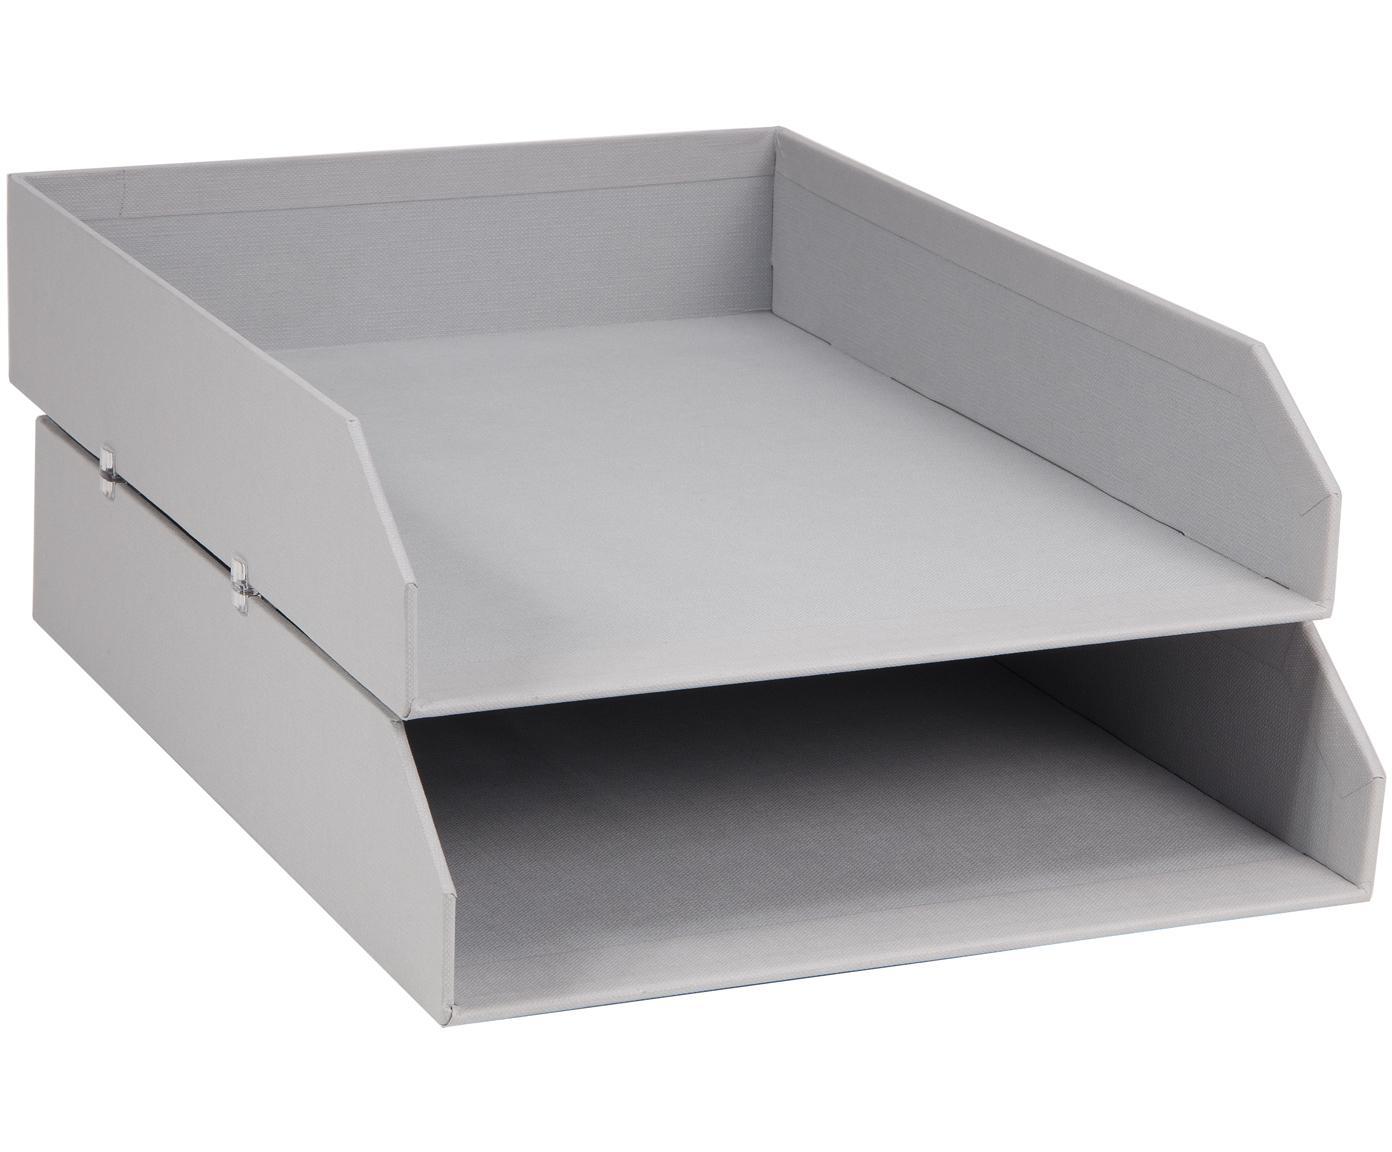 Documentenhouders Hakan, 2 stuks, Massief, gelamineerd karton, Lichtgrijs, B 23  x D 31 cm